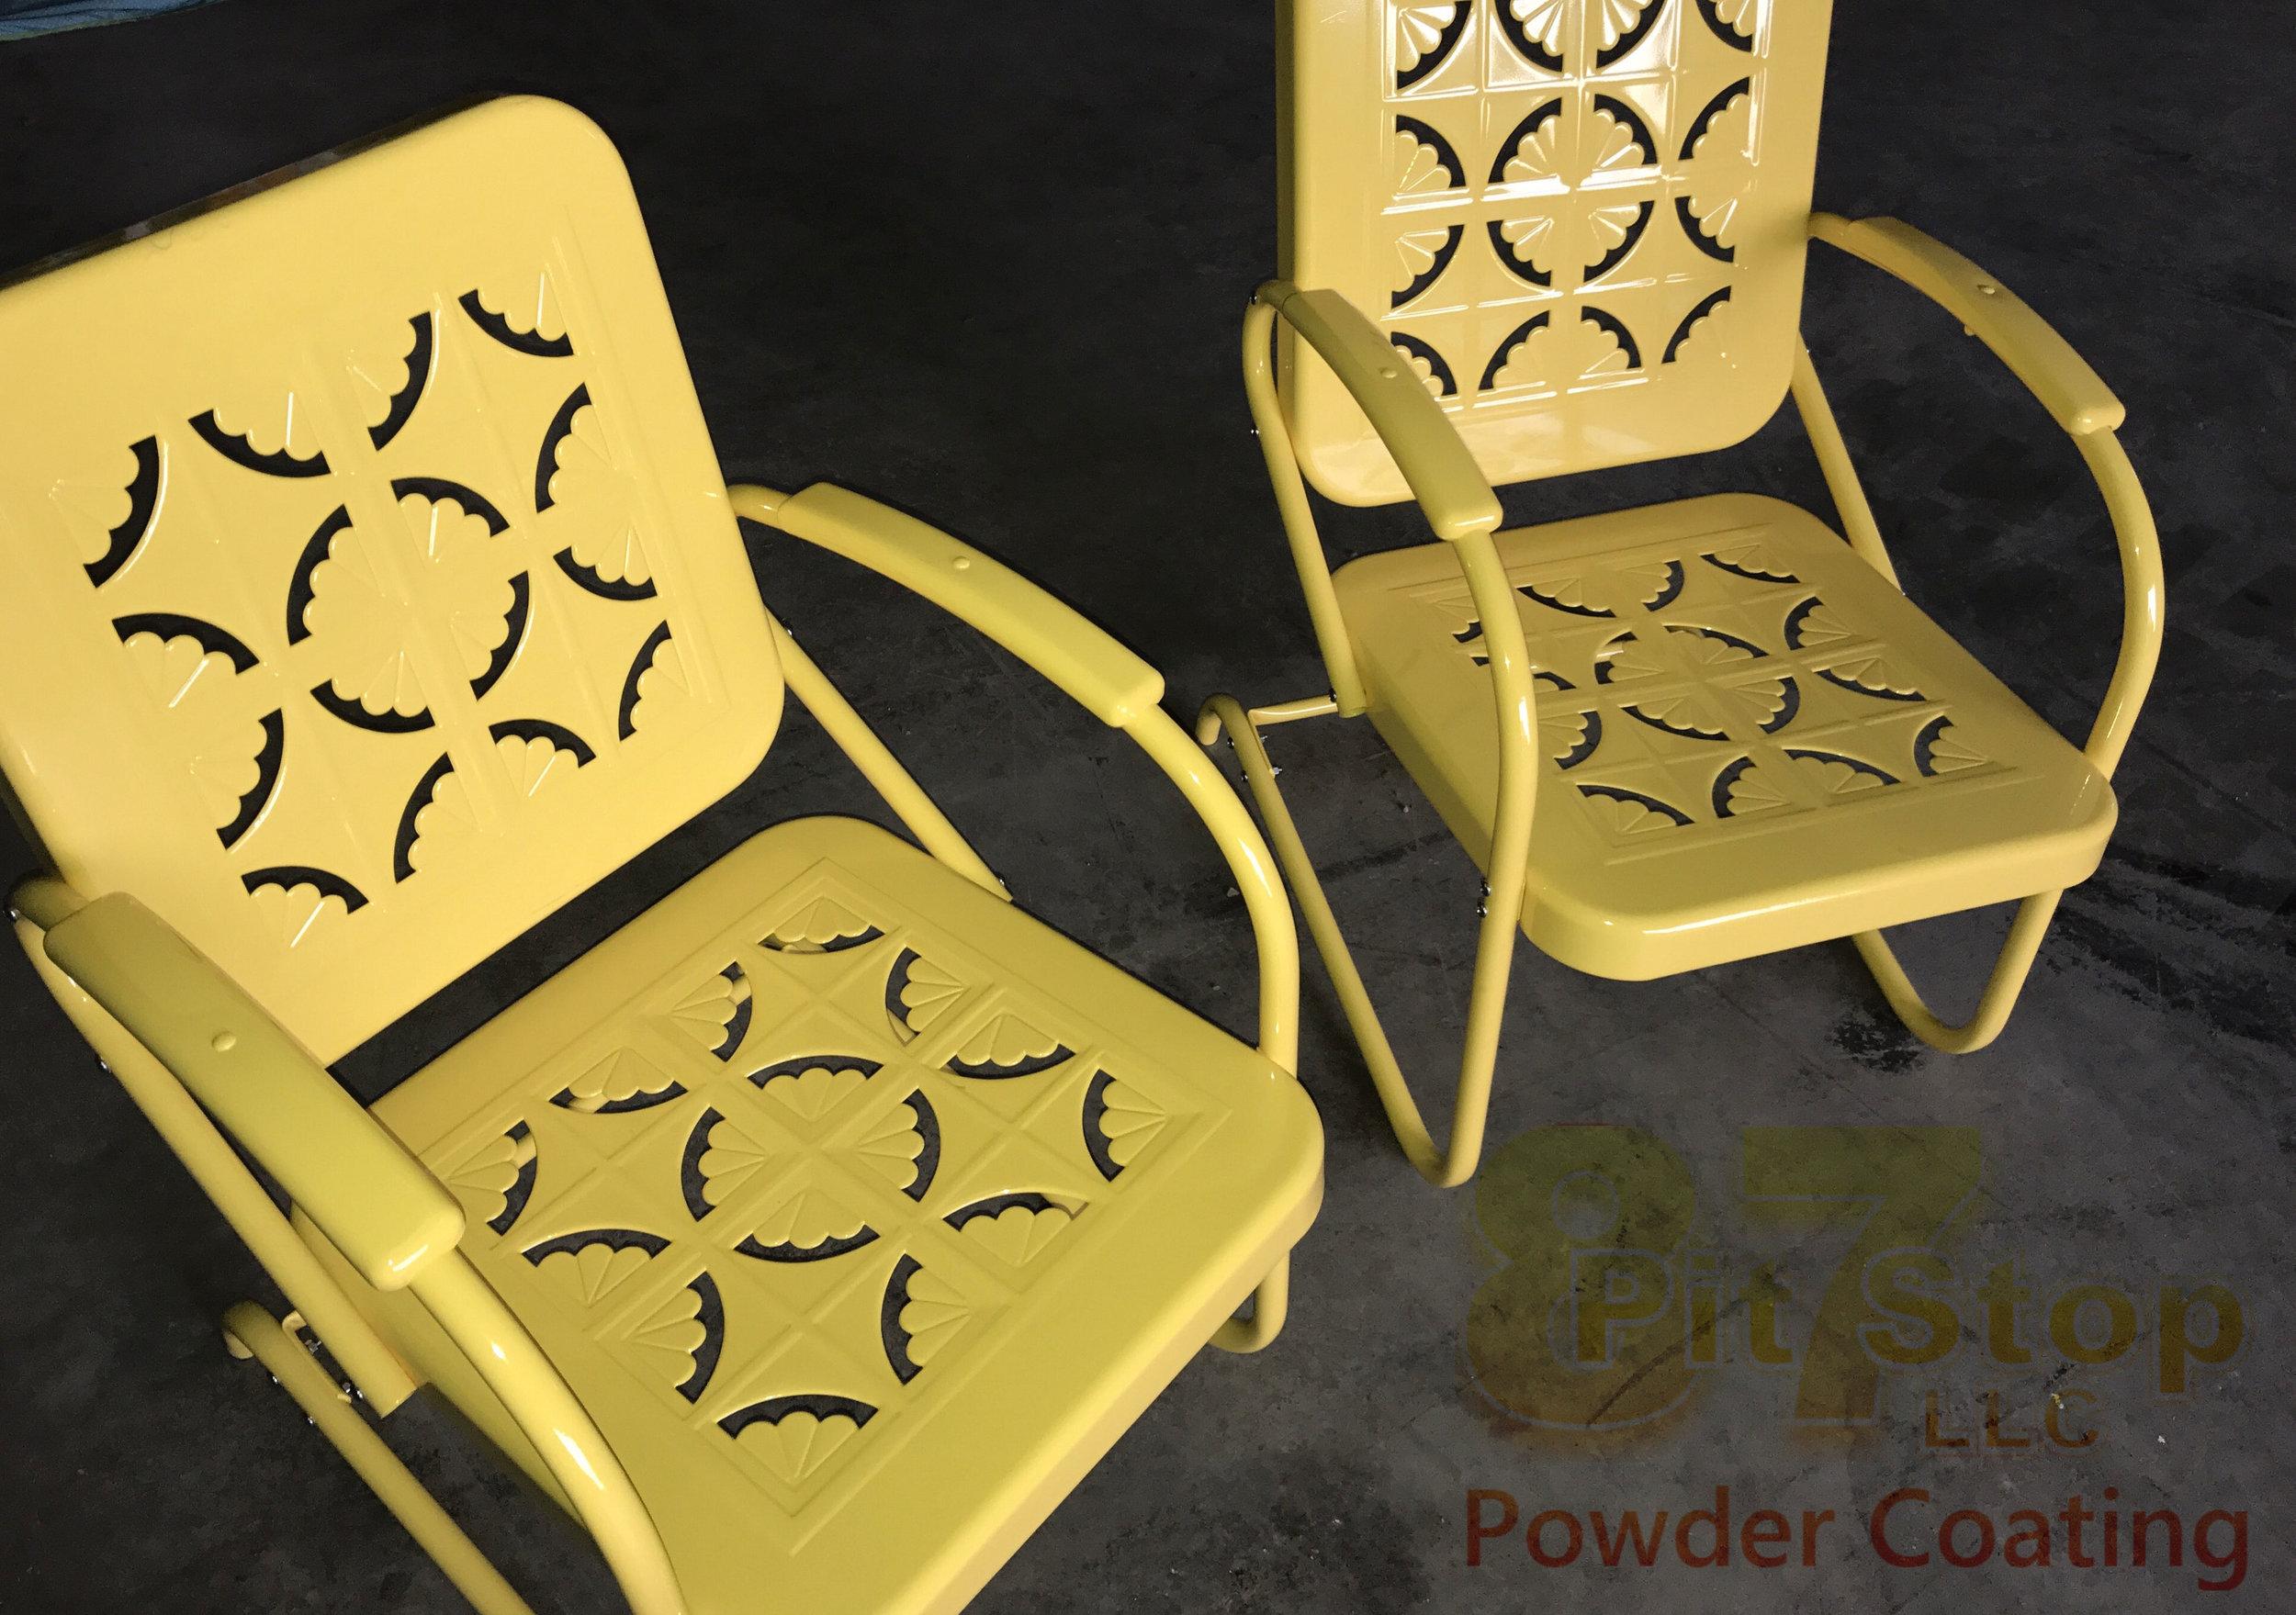 yellowantchairs.jpg